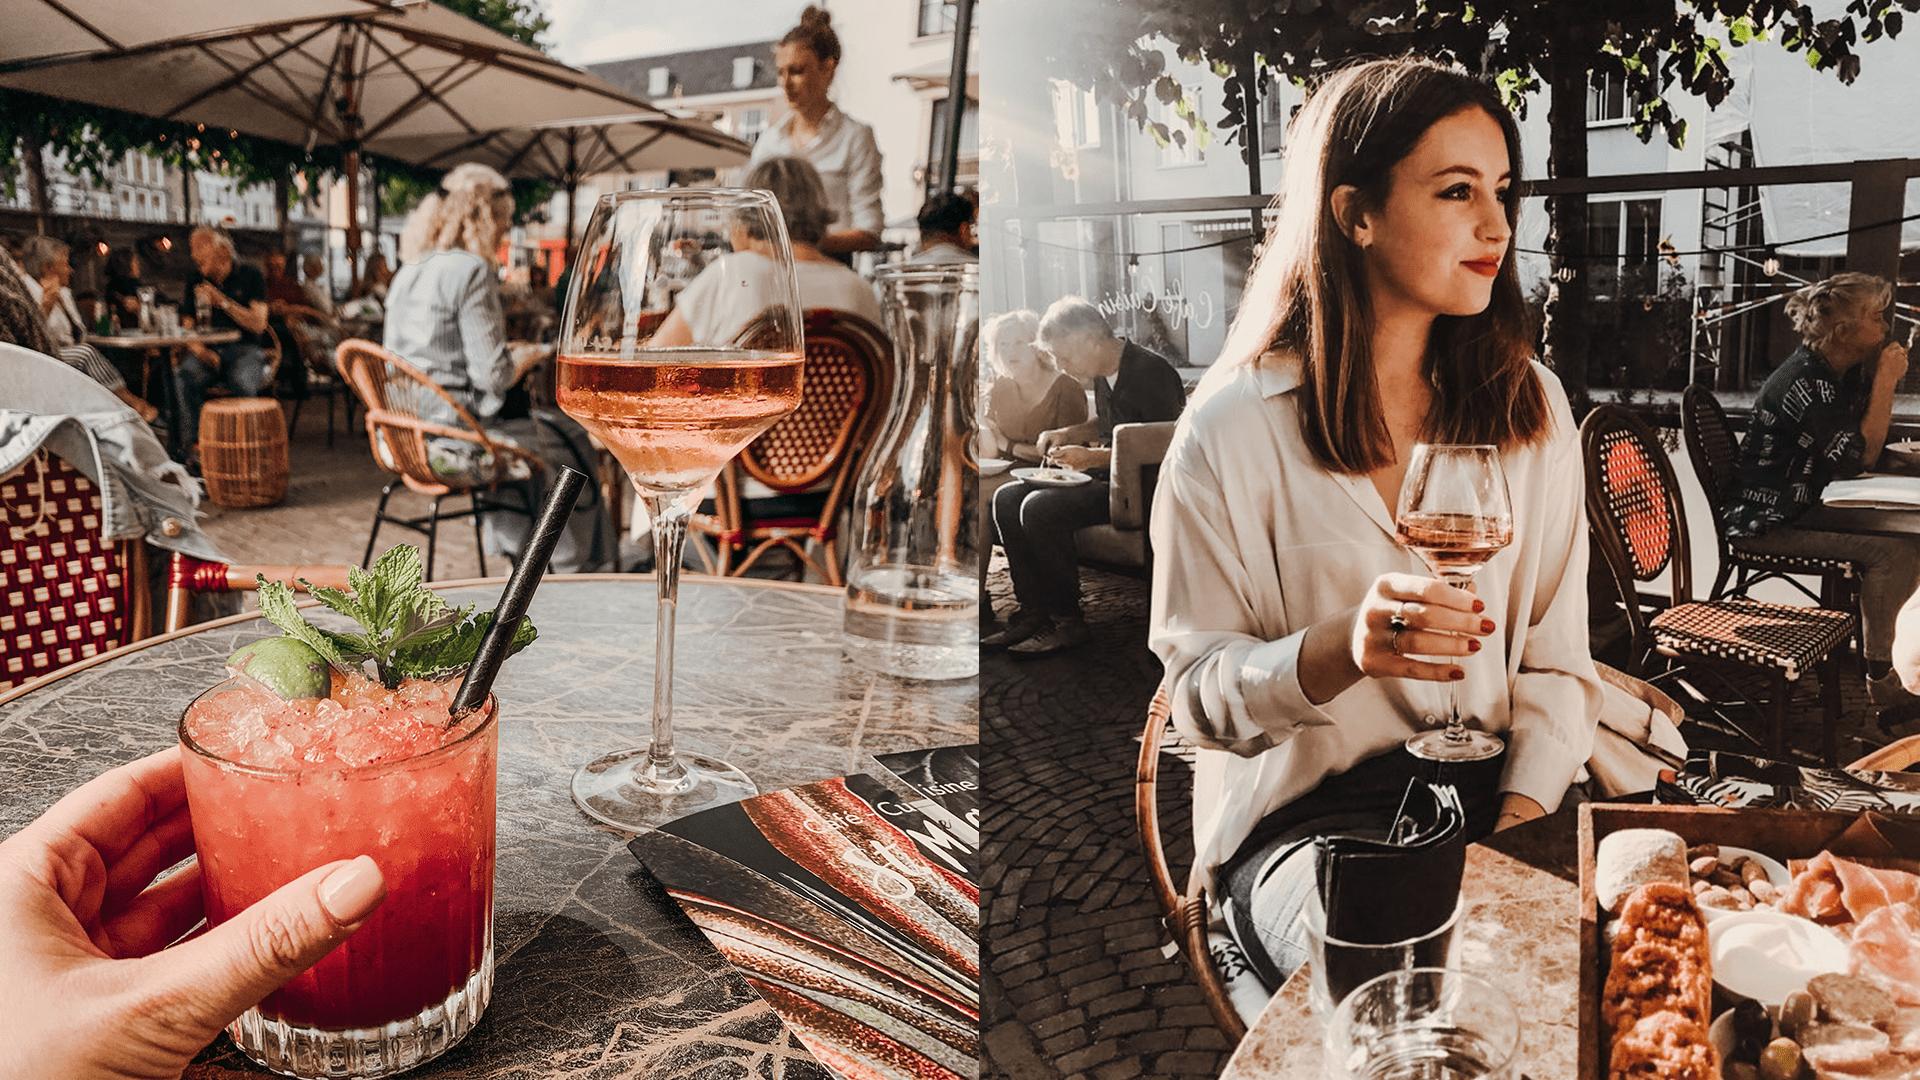 wijntje drinken in deventer